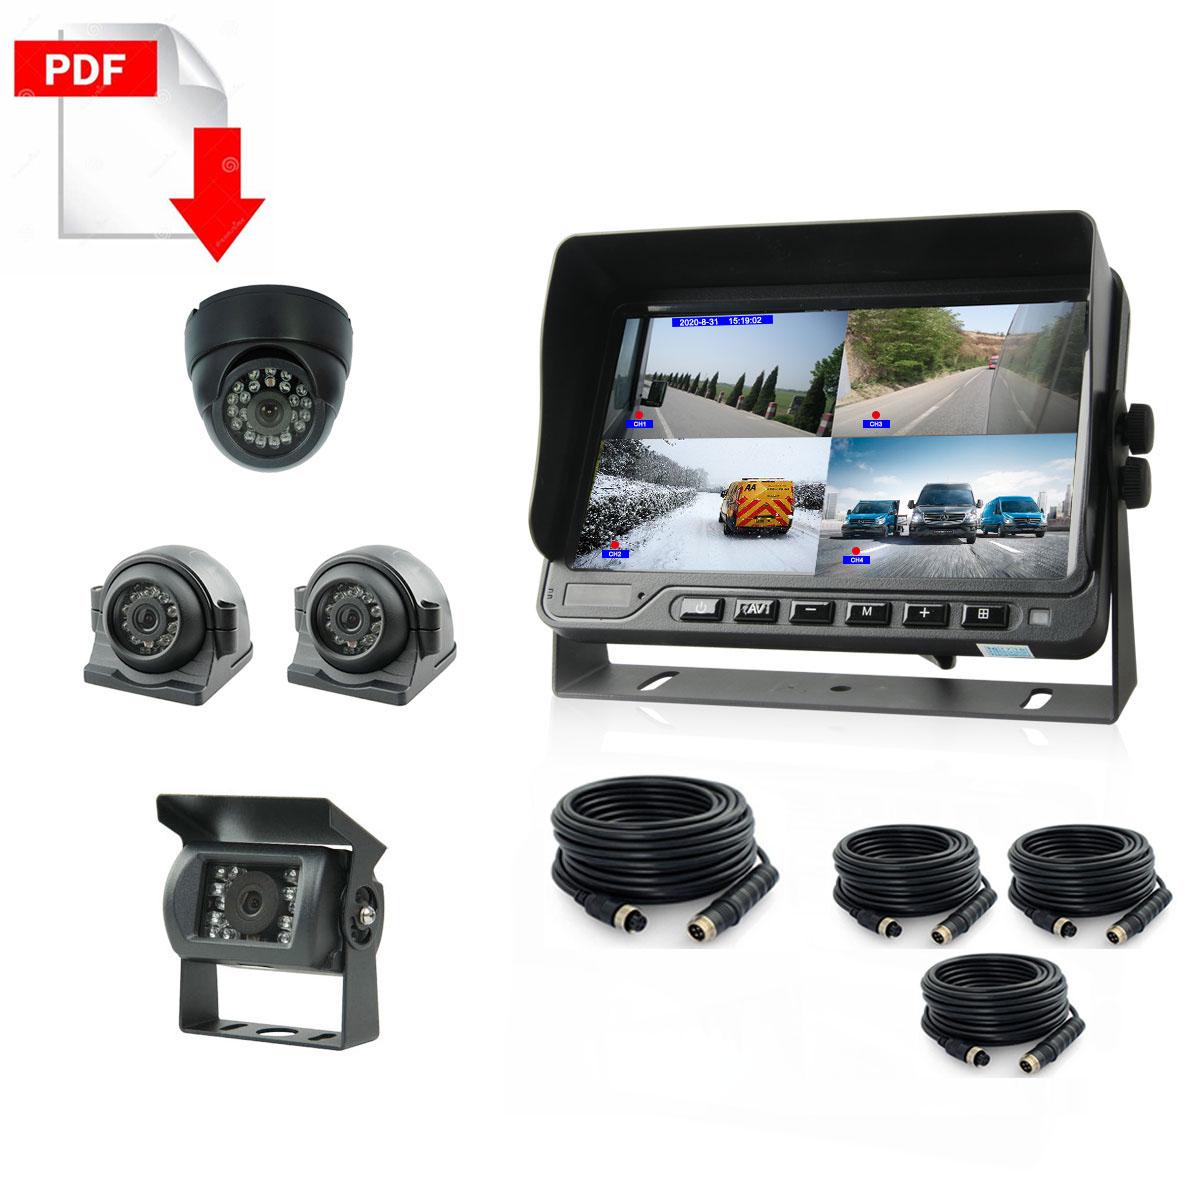 Truck DVR Monitor CCTV Camera System